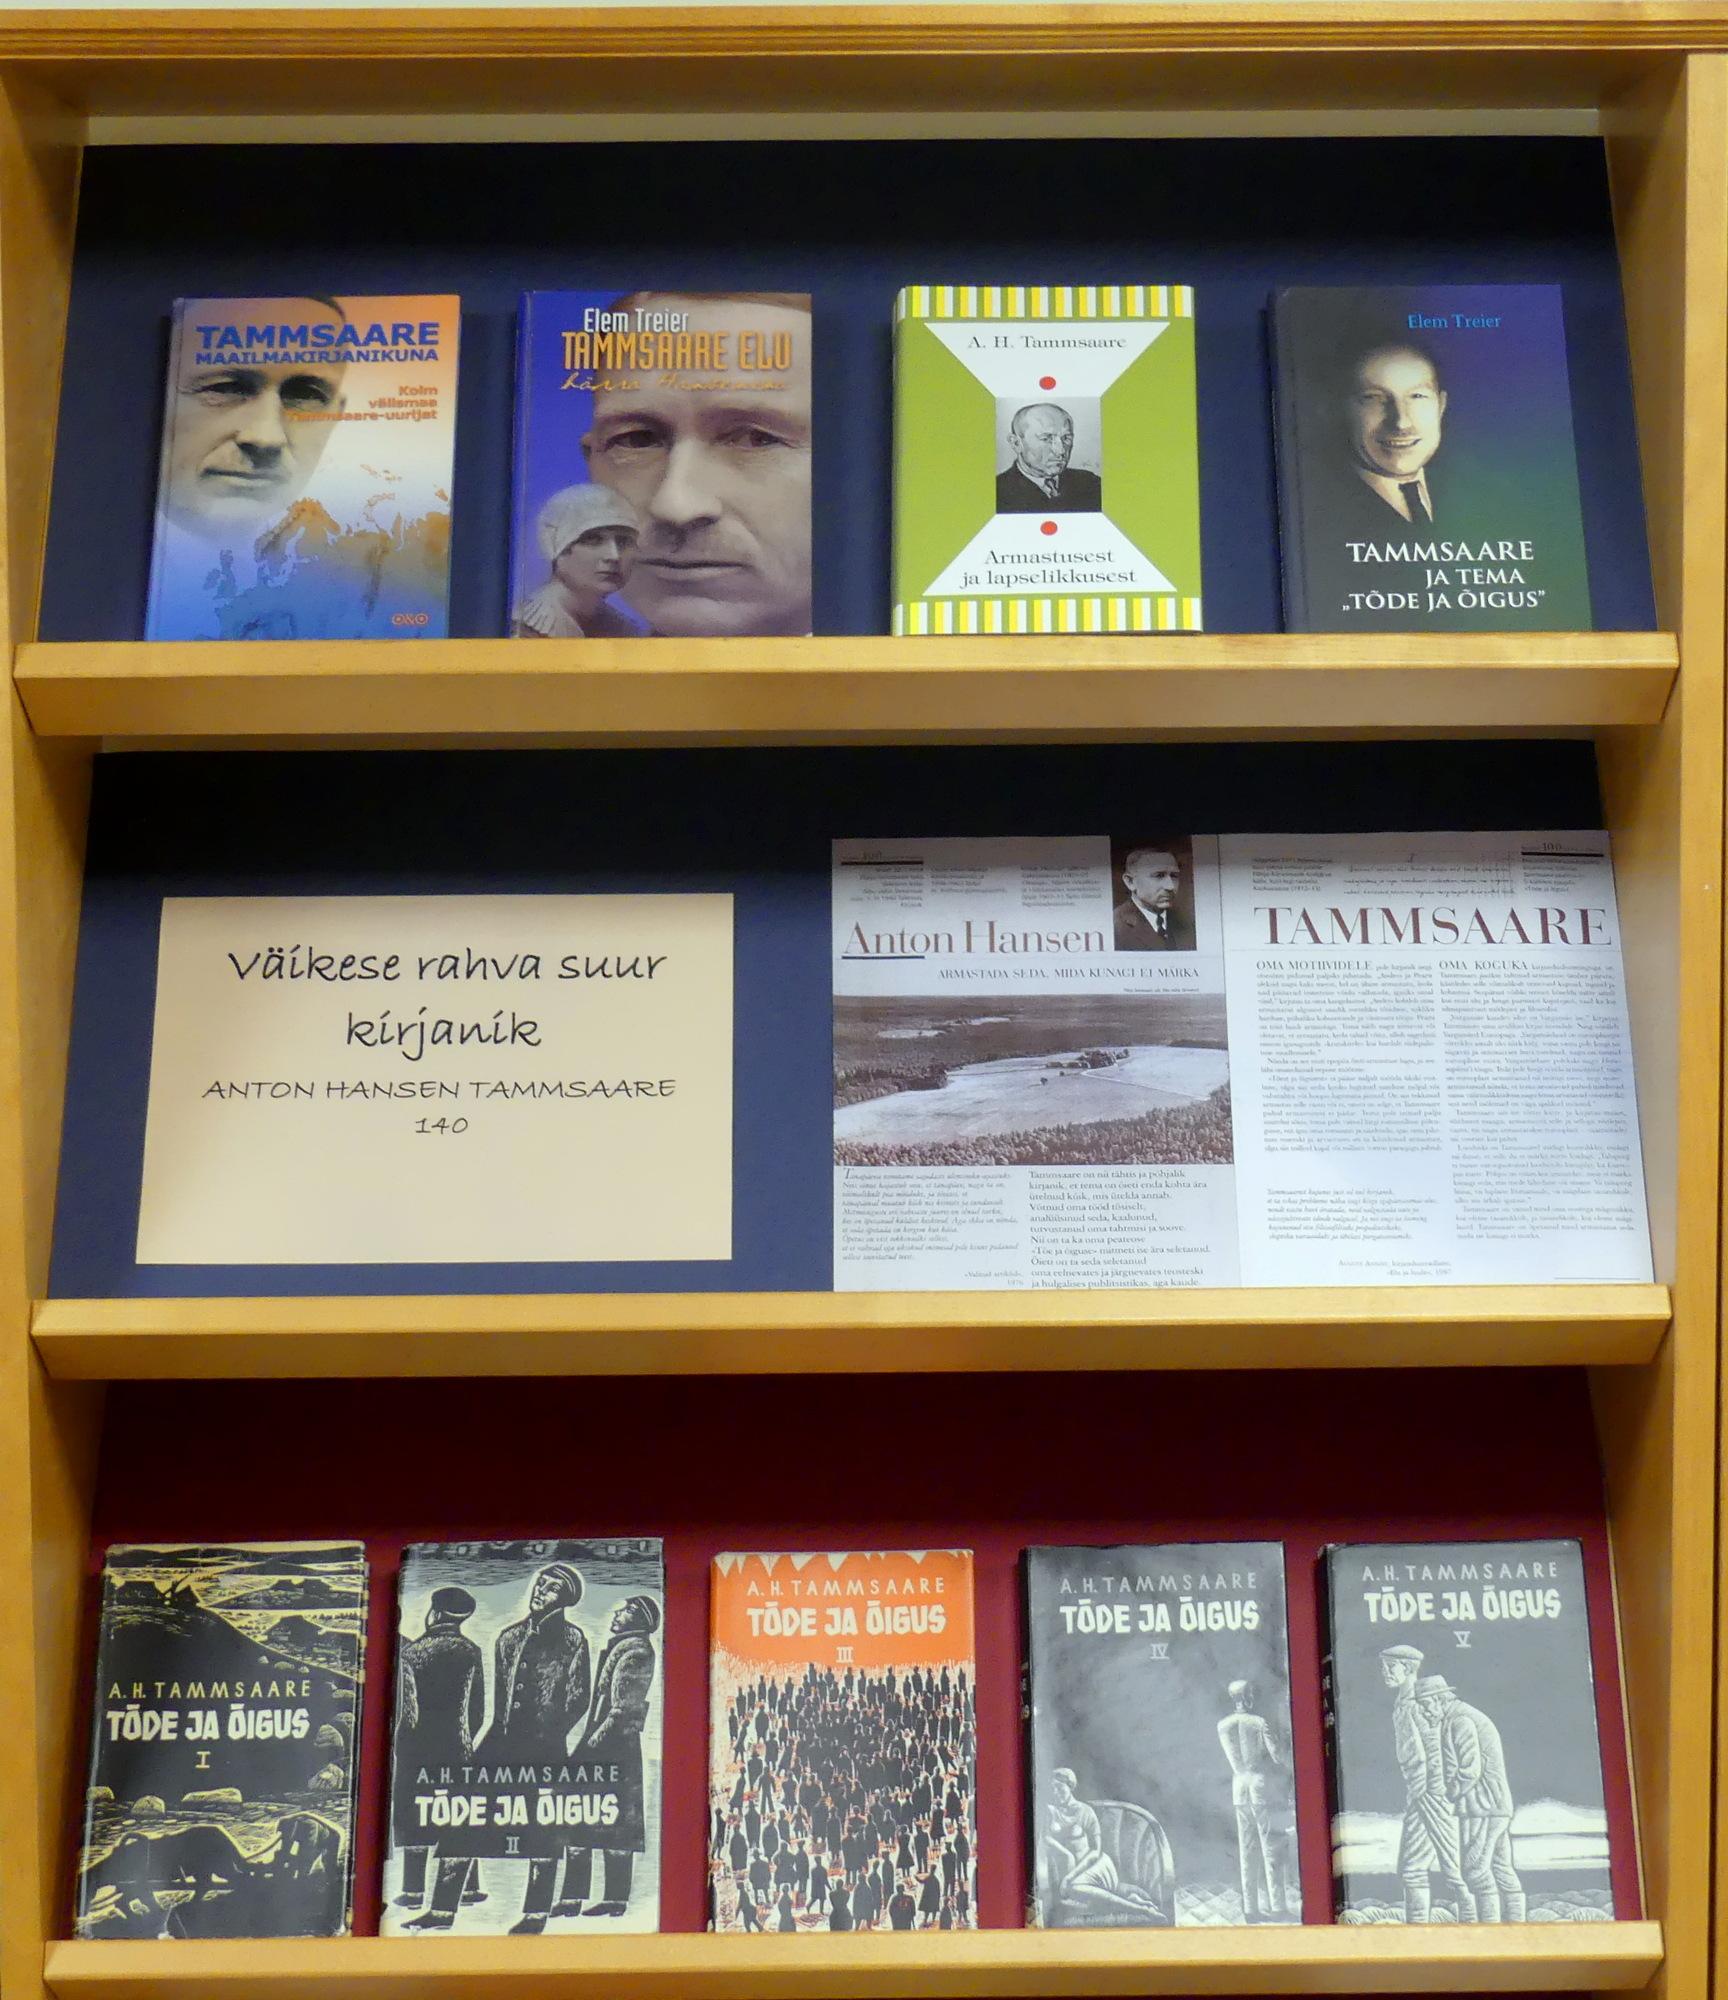 Väikese rahva suur kirjanik. Anton Hansen Tammsaare 140